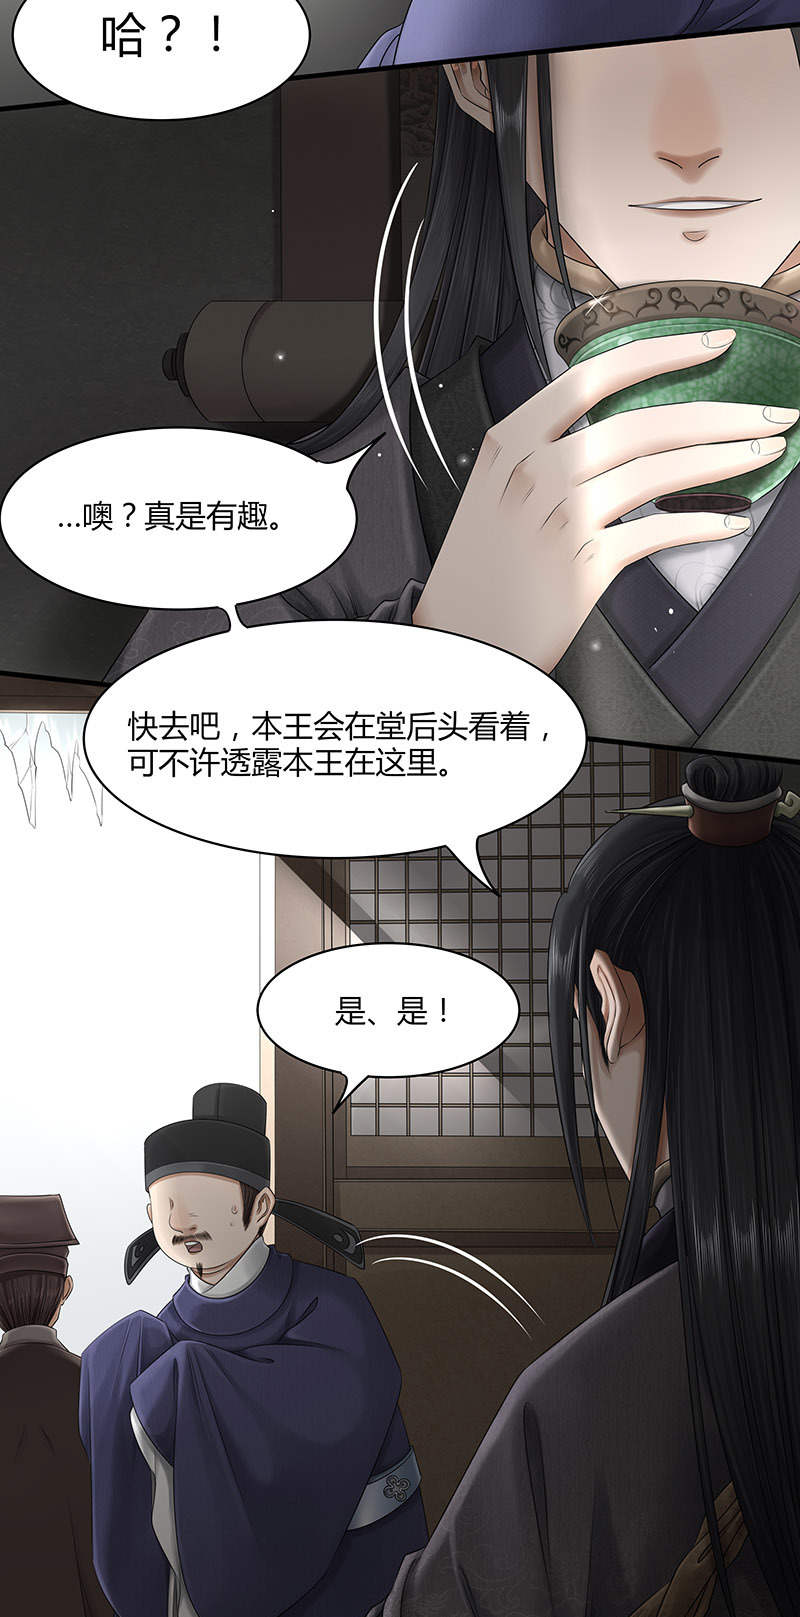 画骨女仵作第33话  鸣冤 第 5